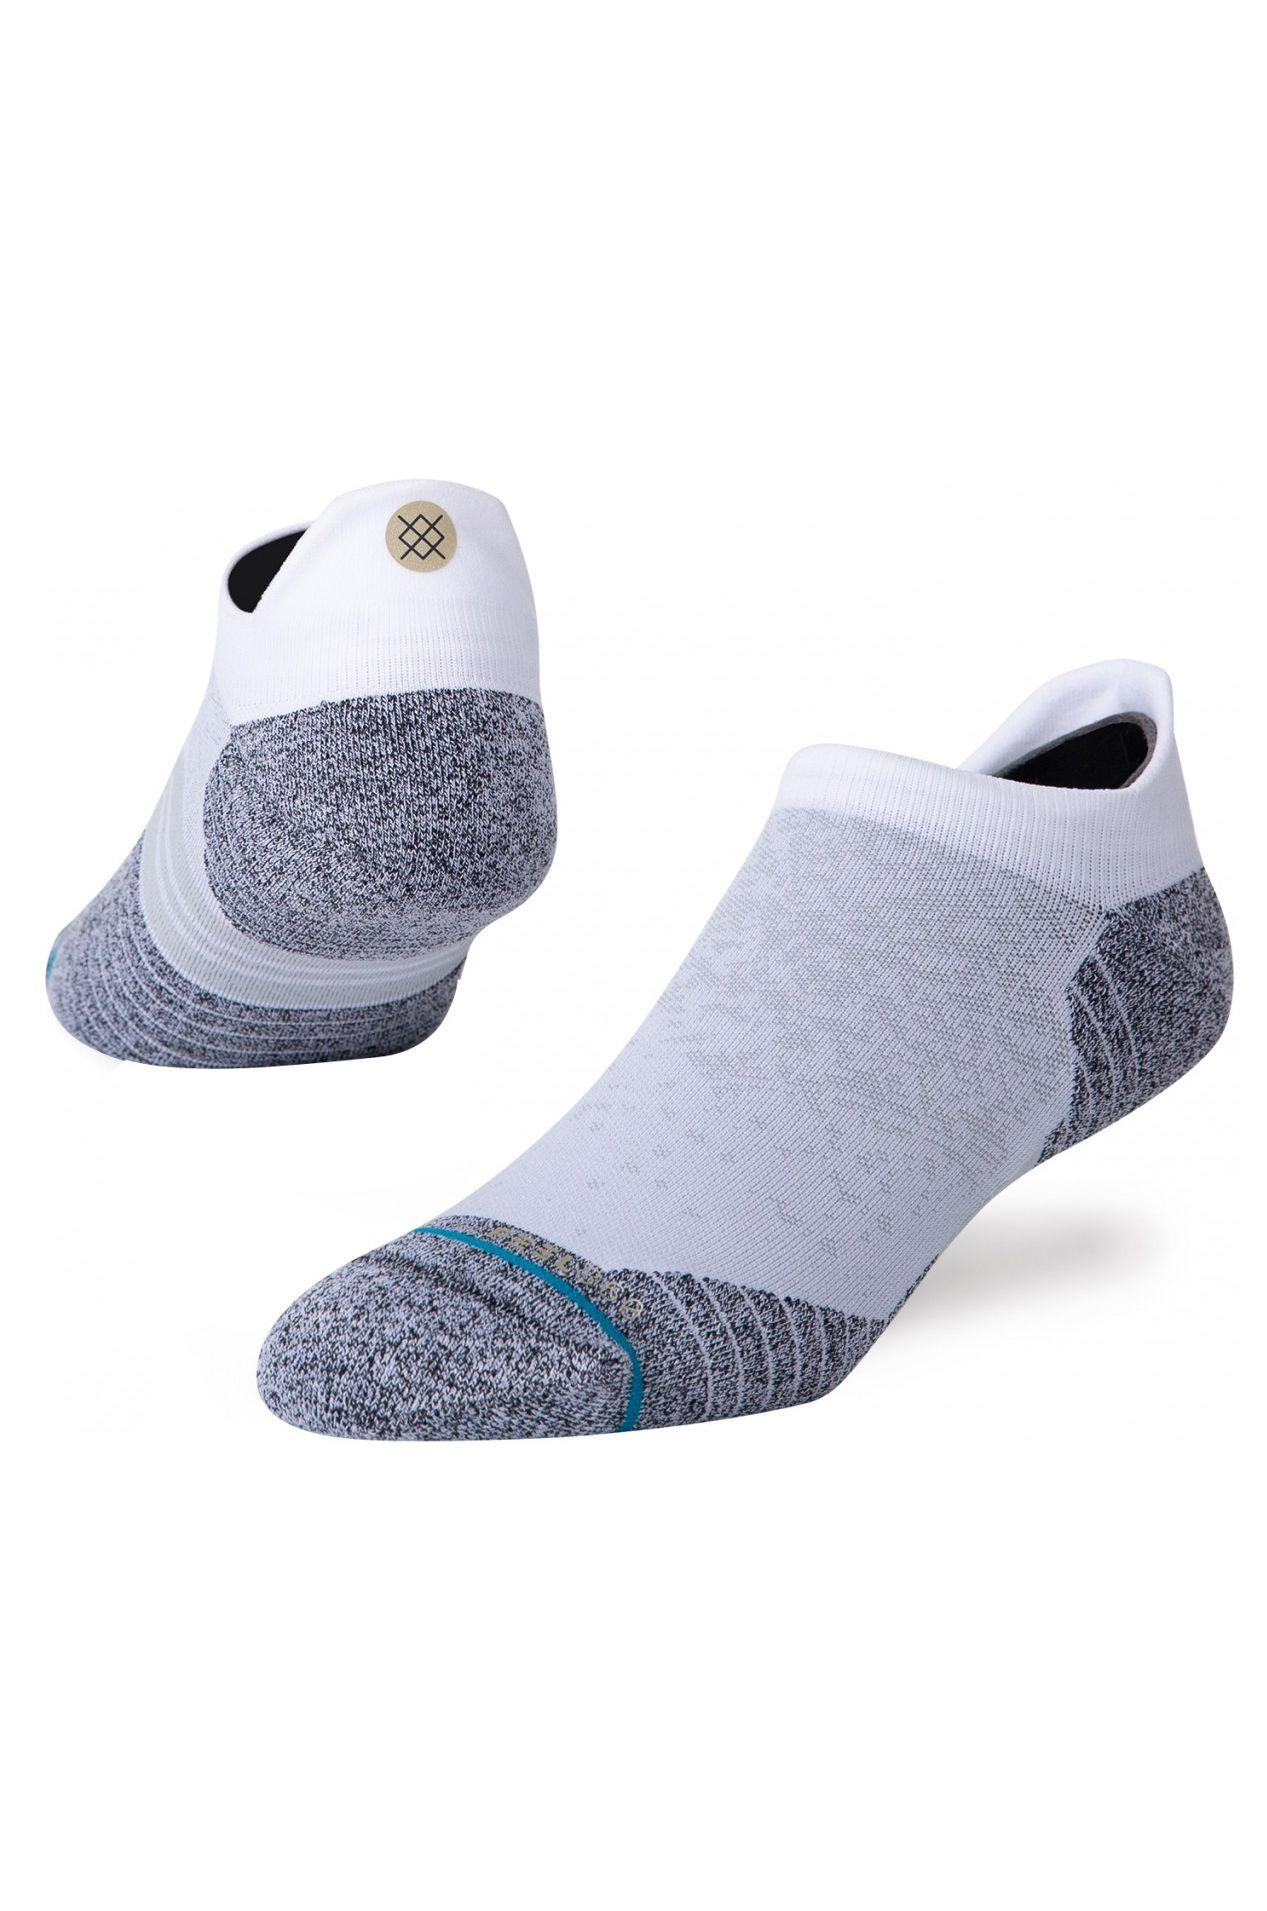 Stance Socks RUN LIGHT TAB ST White